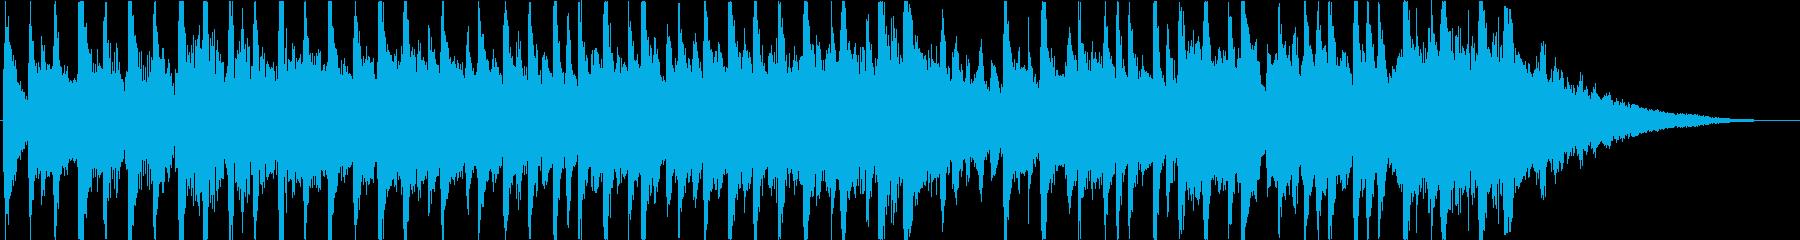 明るい透明感のあるマリンバ曲映像にの再生済みの波形